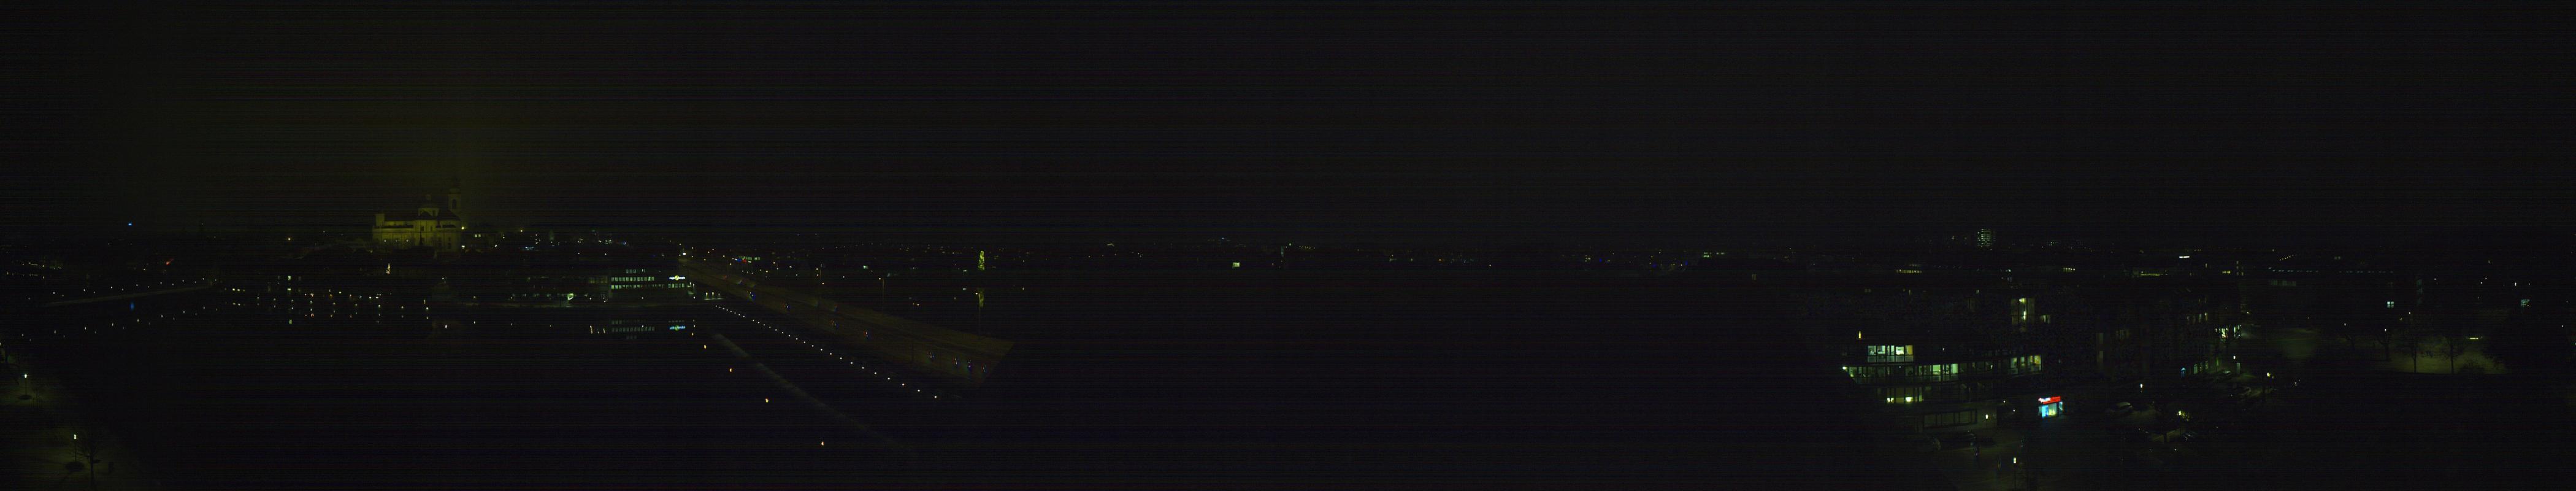 46h ago - 18:30